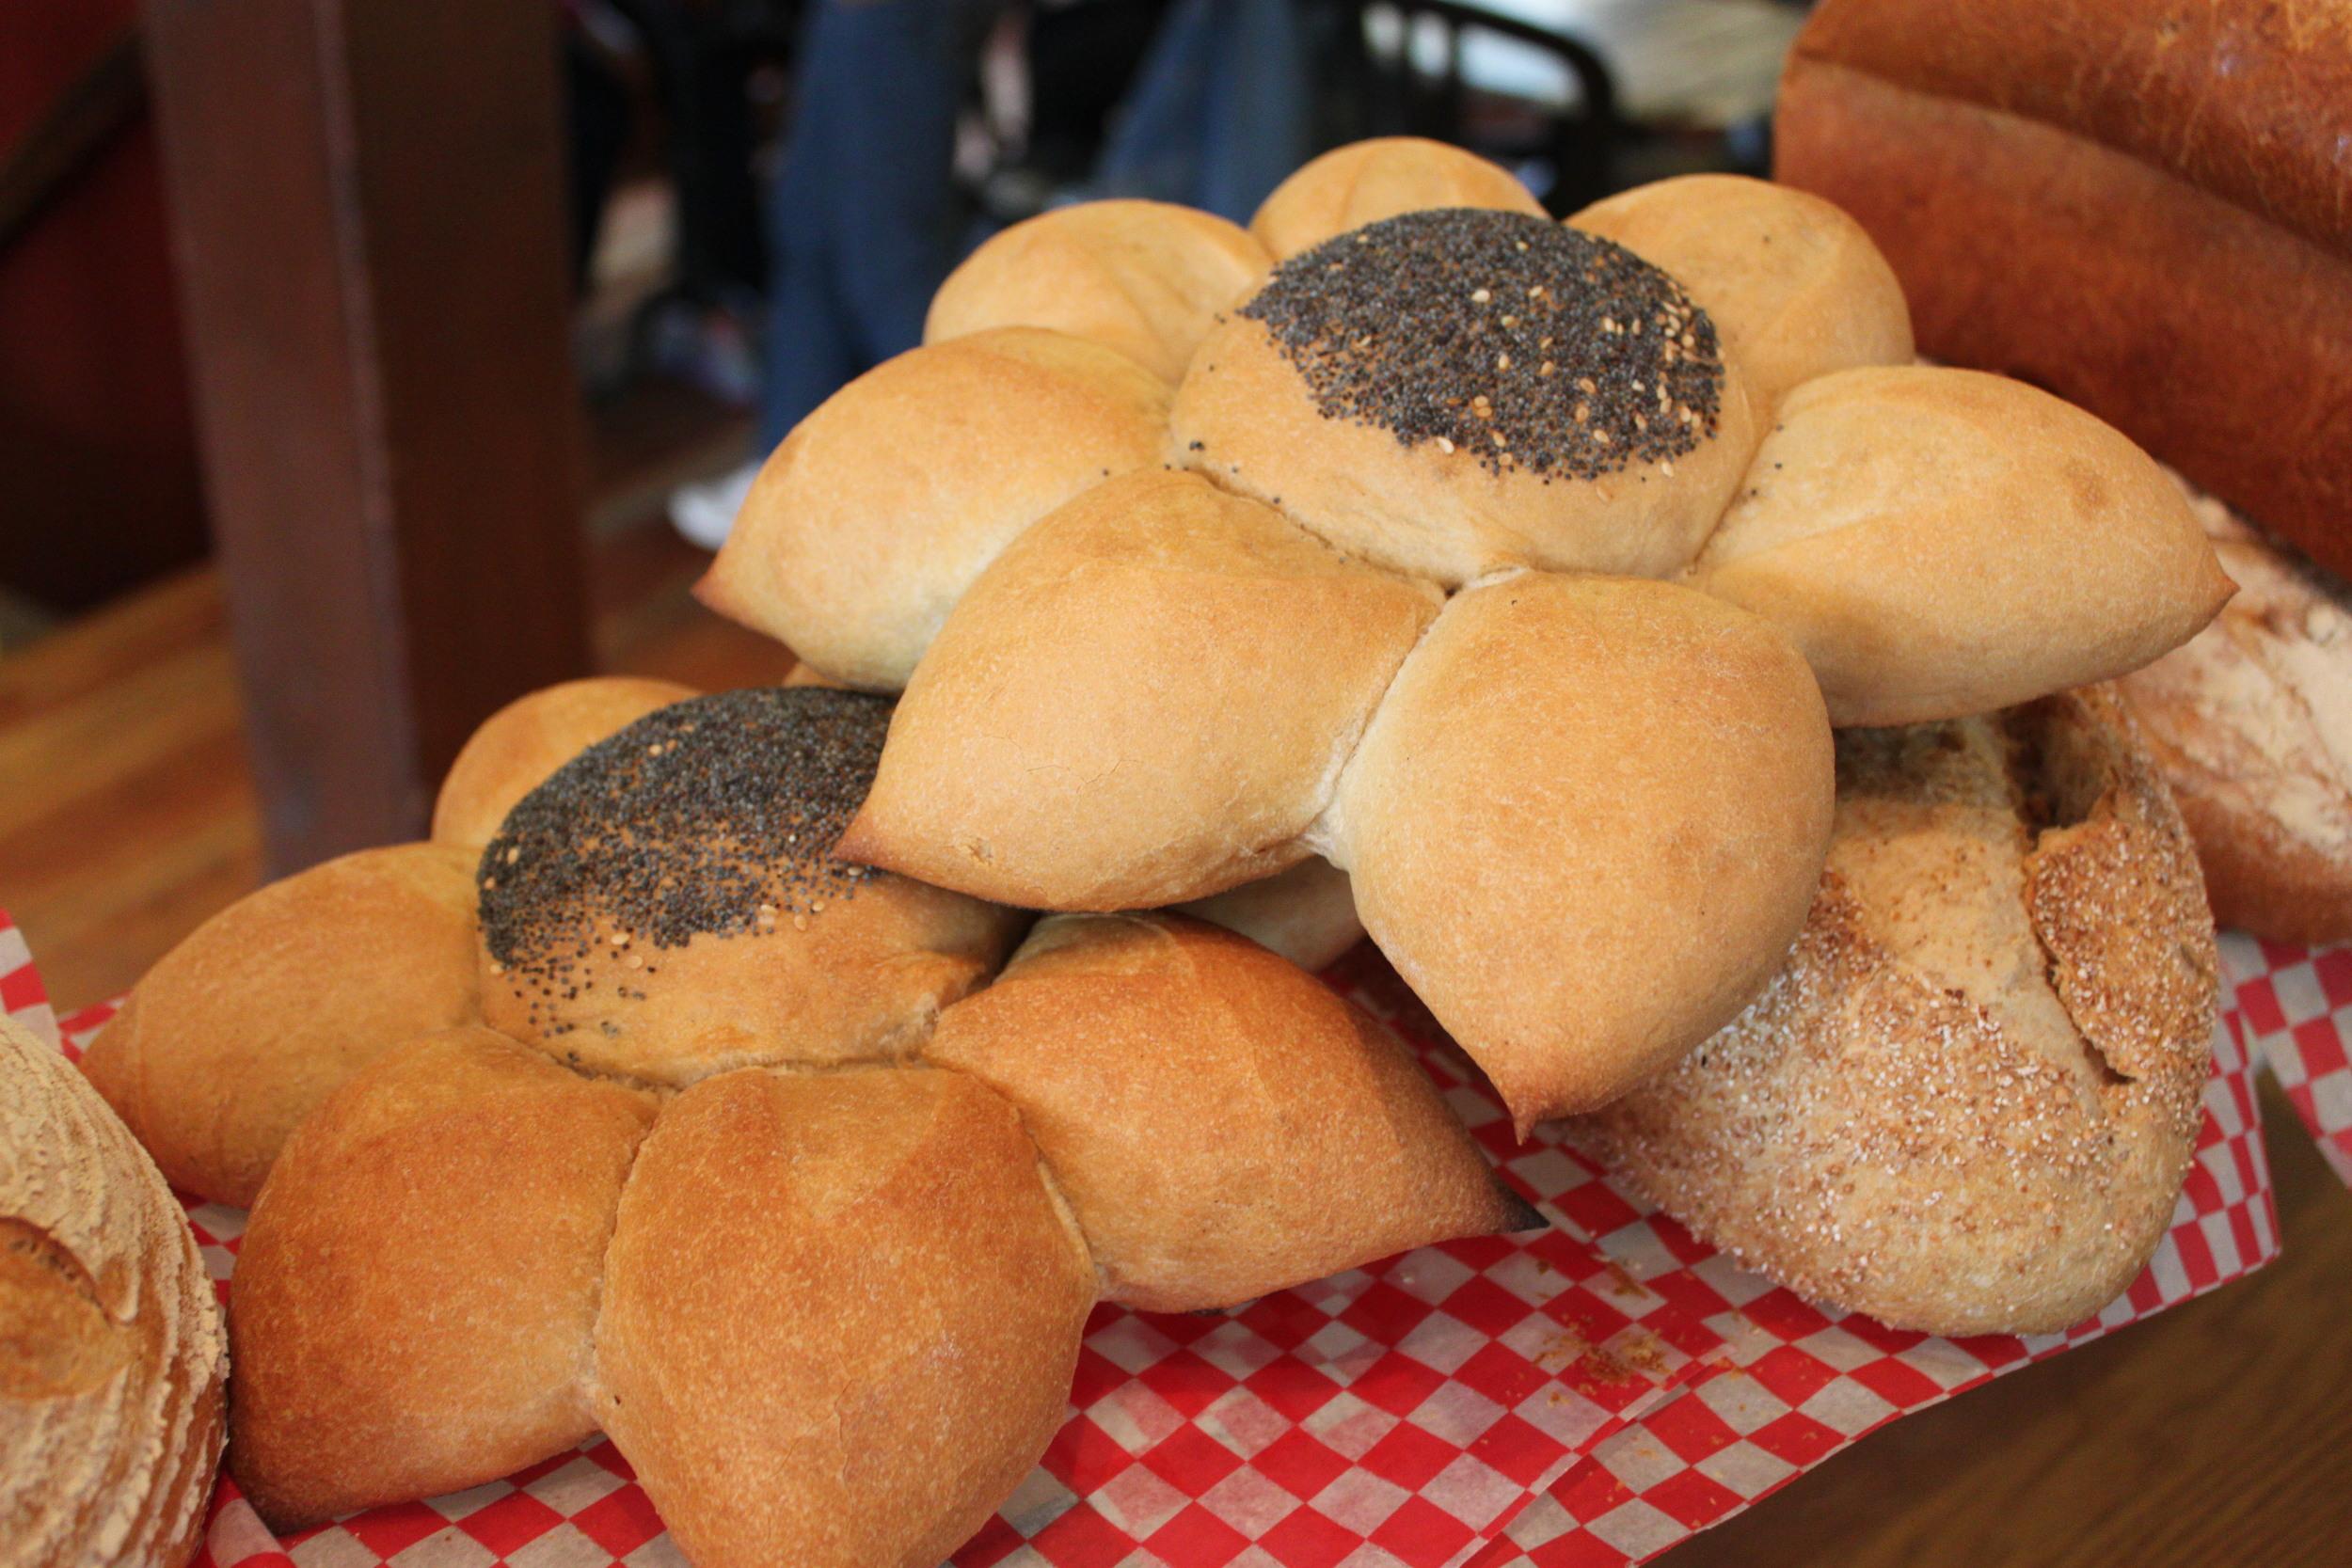 Marguerite Rolls: Unbleached white flour,water, fresh yeast, sea salt.